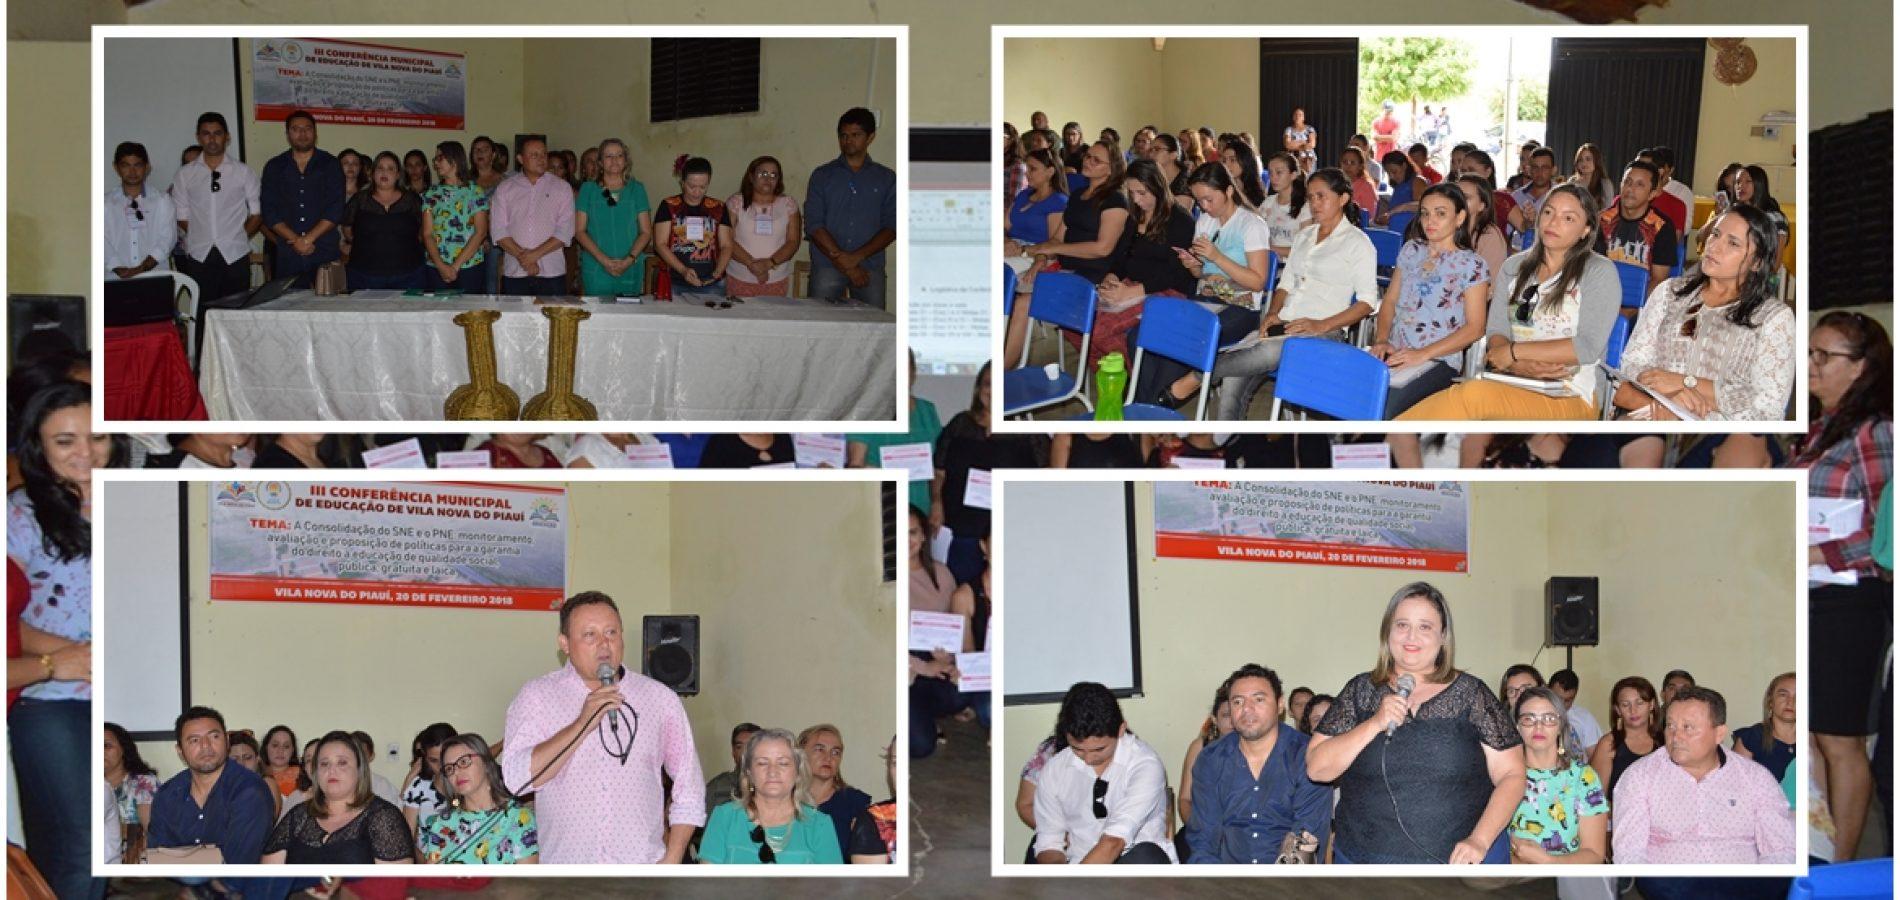 Vila Nova do Piauí debate o Plano Municipal de Educação em III Conferência Municipal; veja fotos